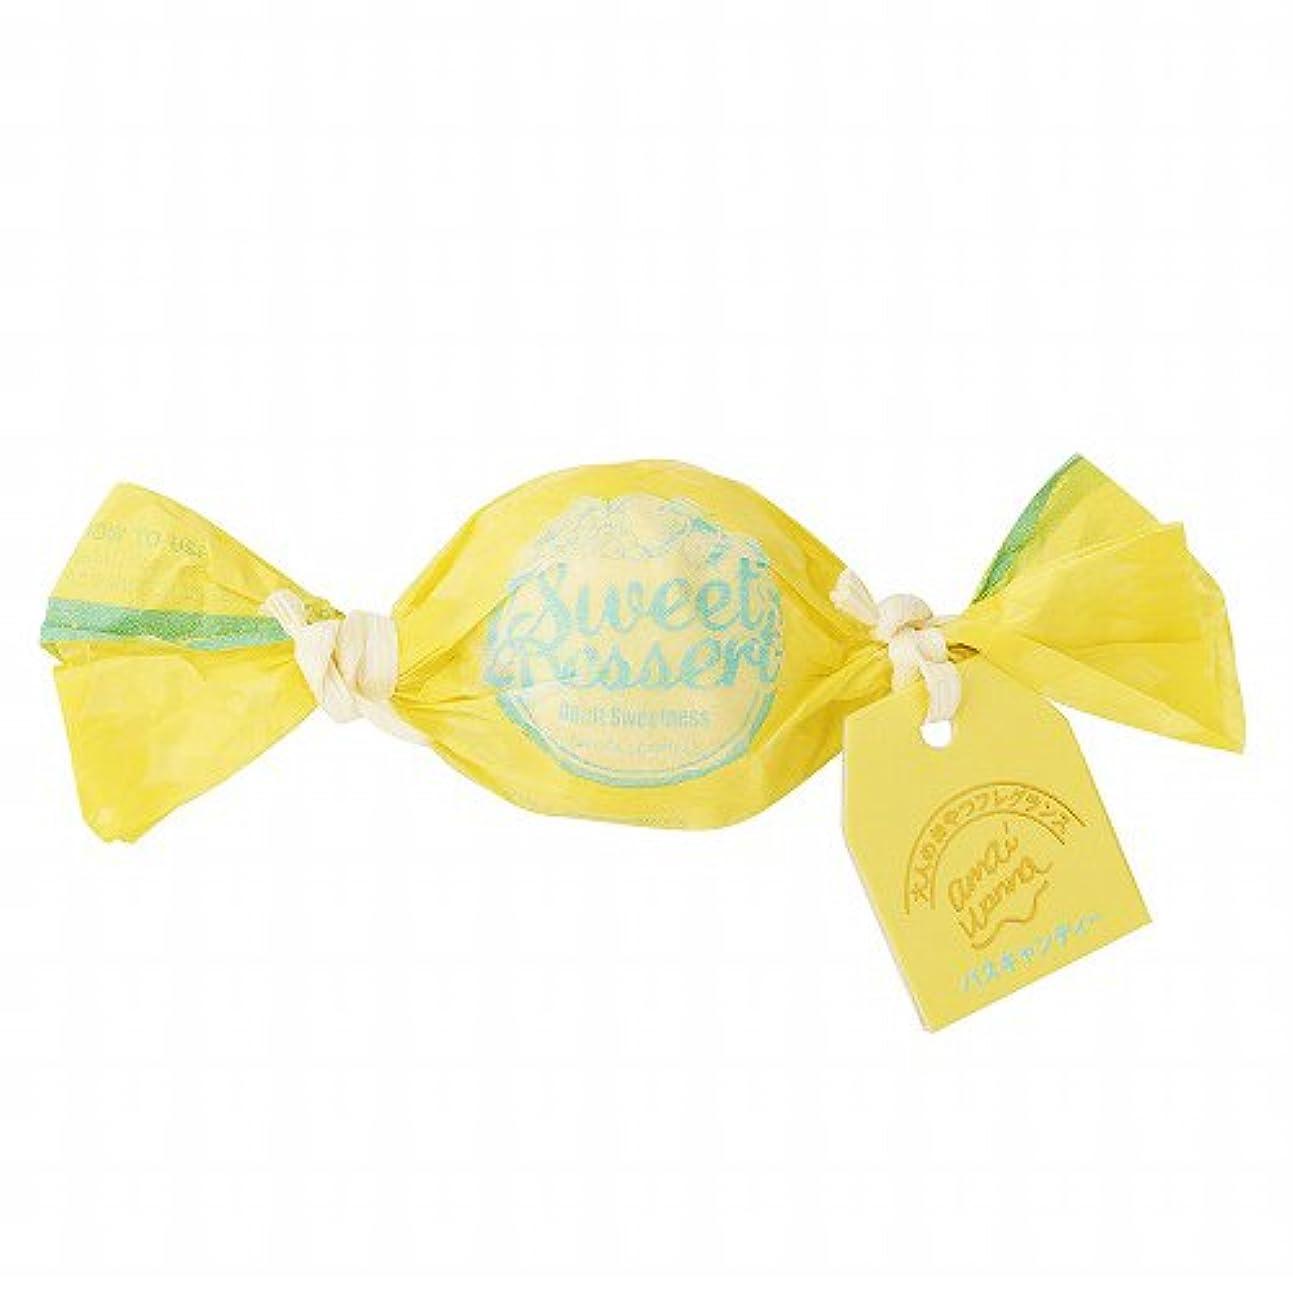 一般的な運動する漂流アマイワナ バスキャンディー 1粒 大人の甘美デザート